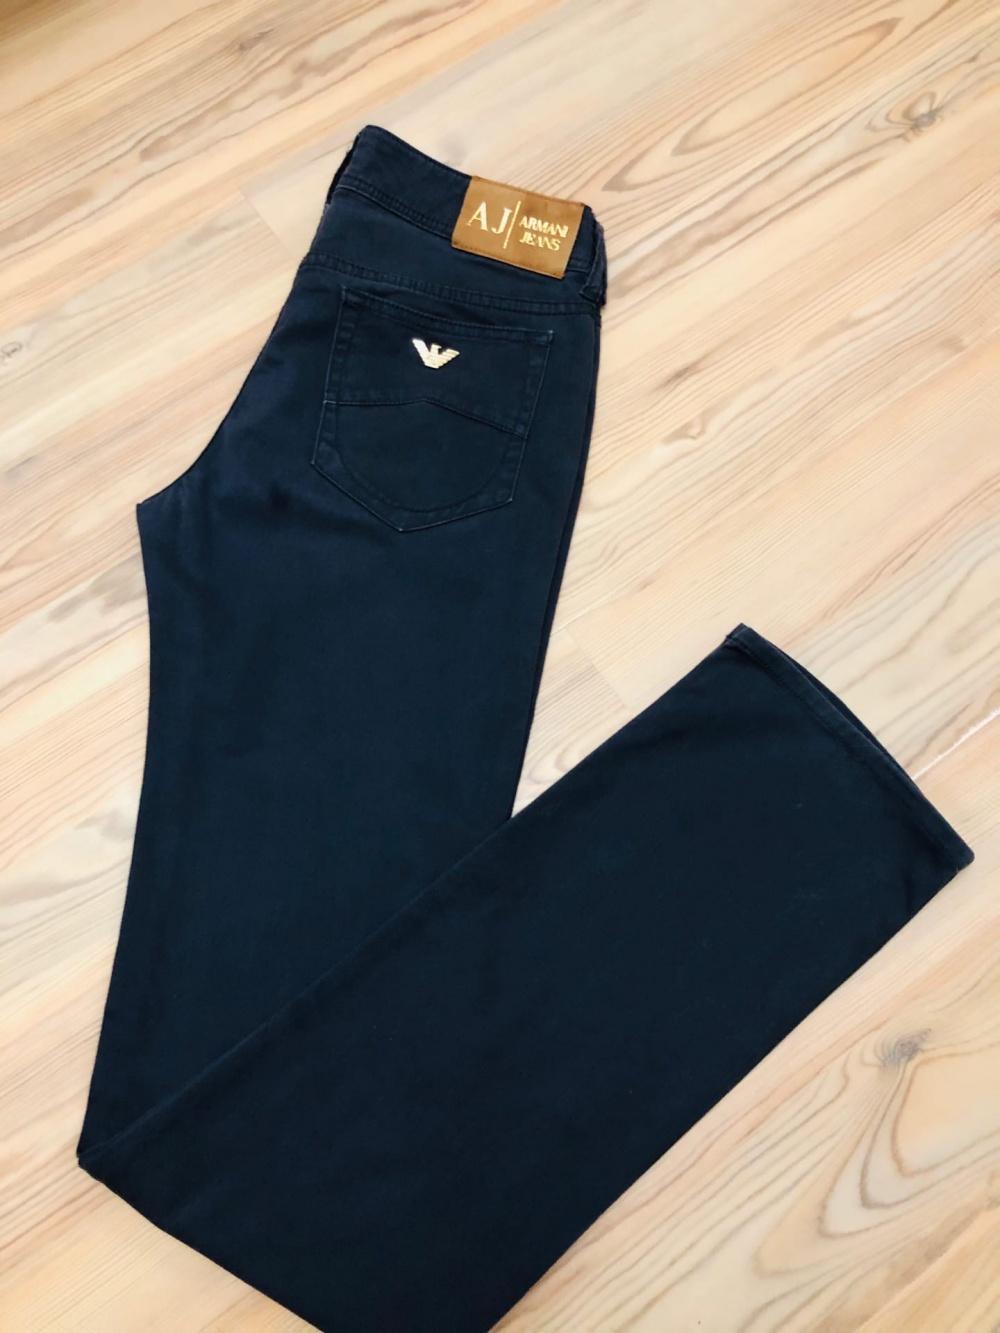 Брюки Armani Jeans.Размер 27.